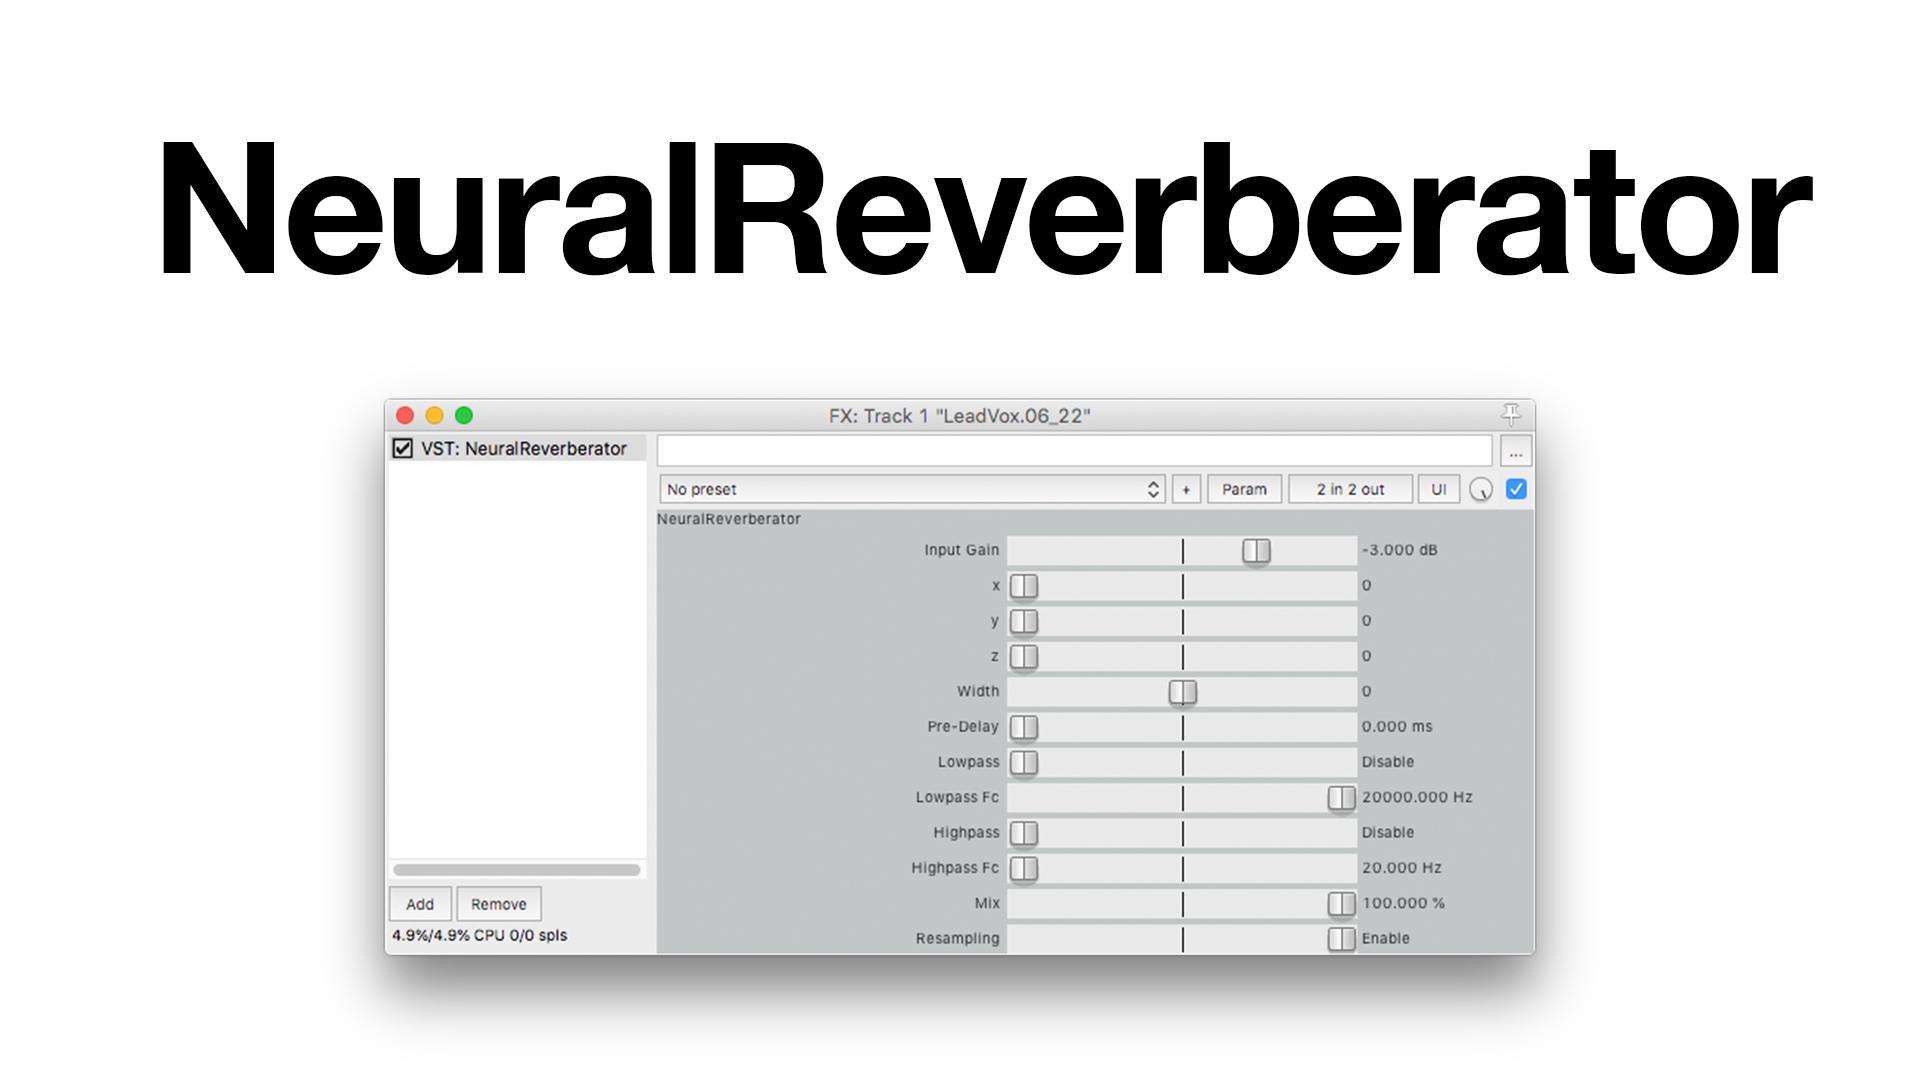 NeuralReverberator - File Exchange - MATLAB Central